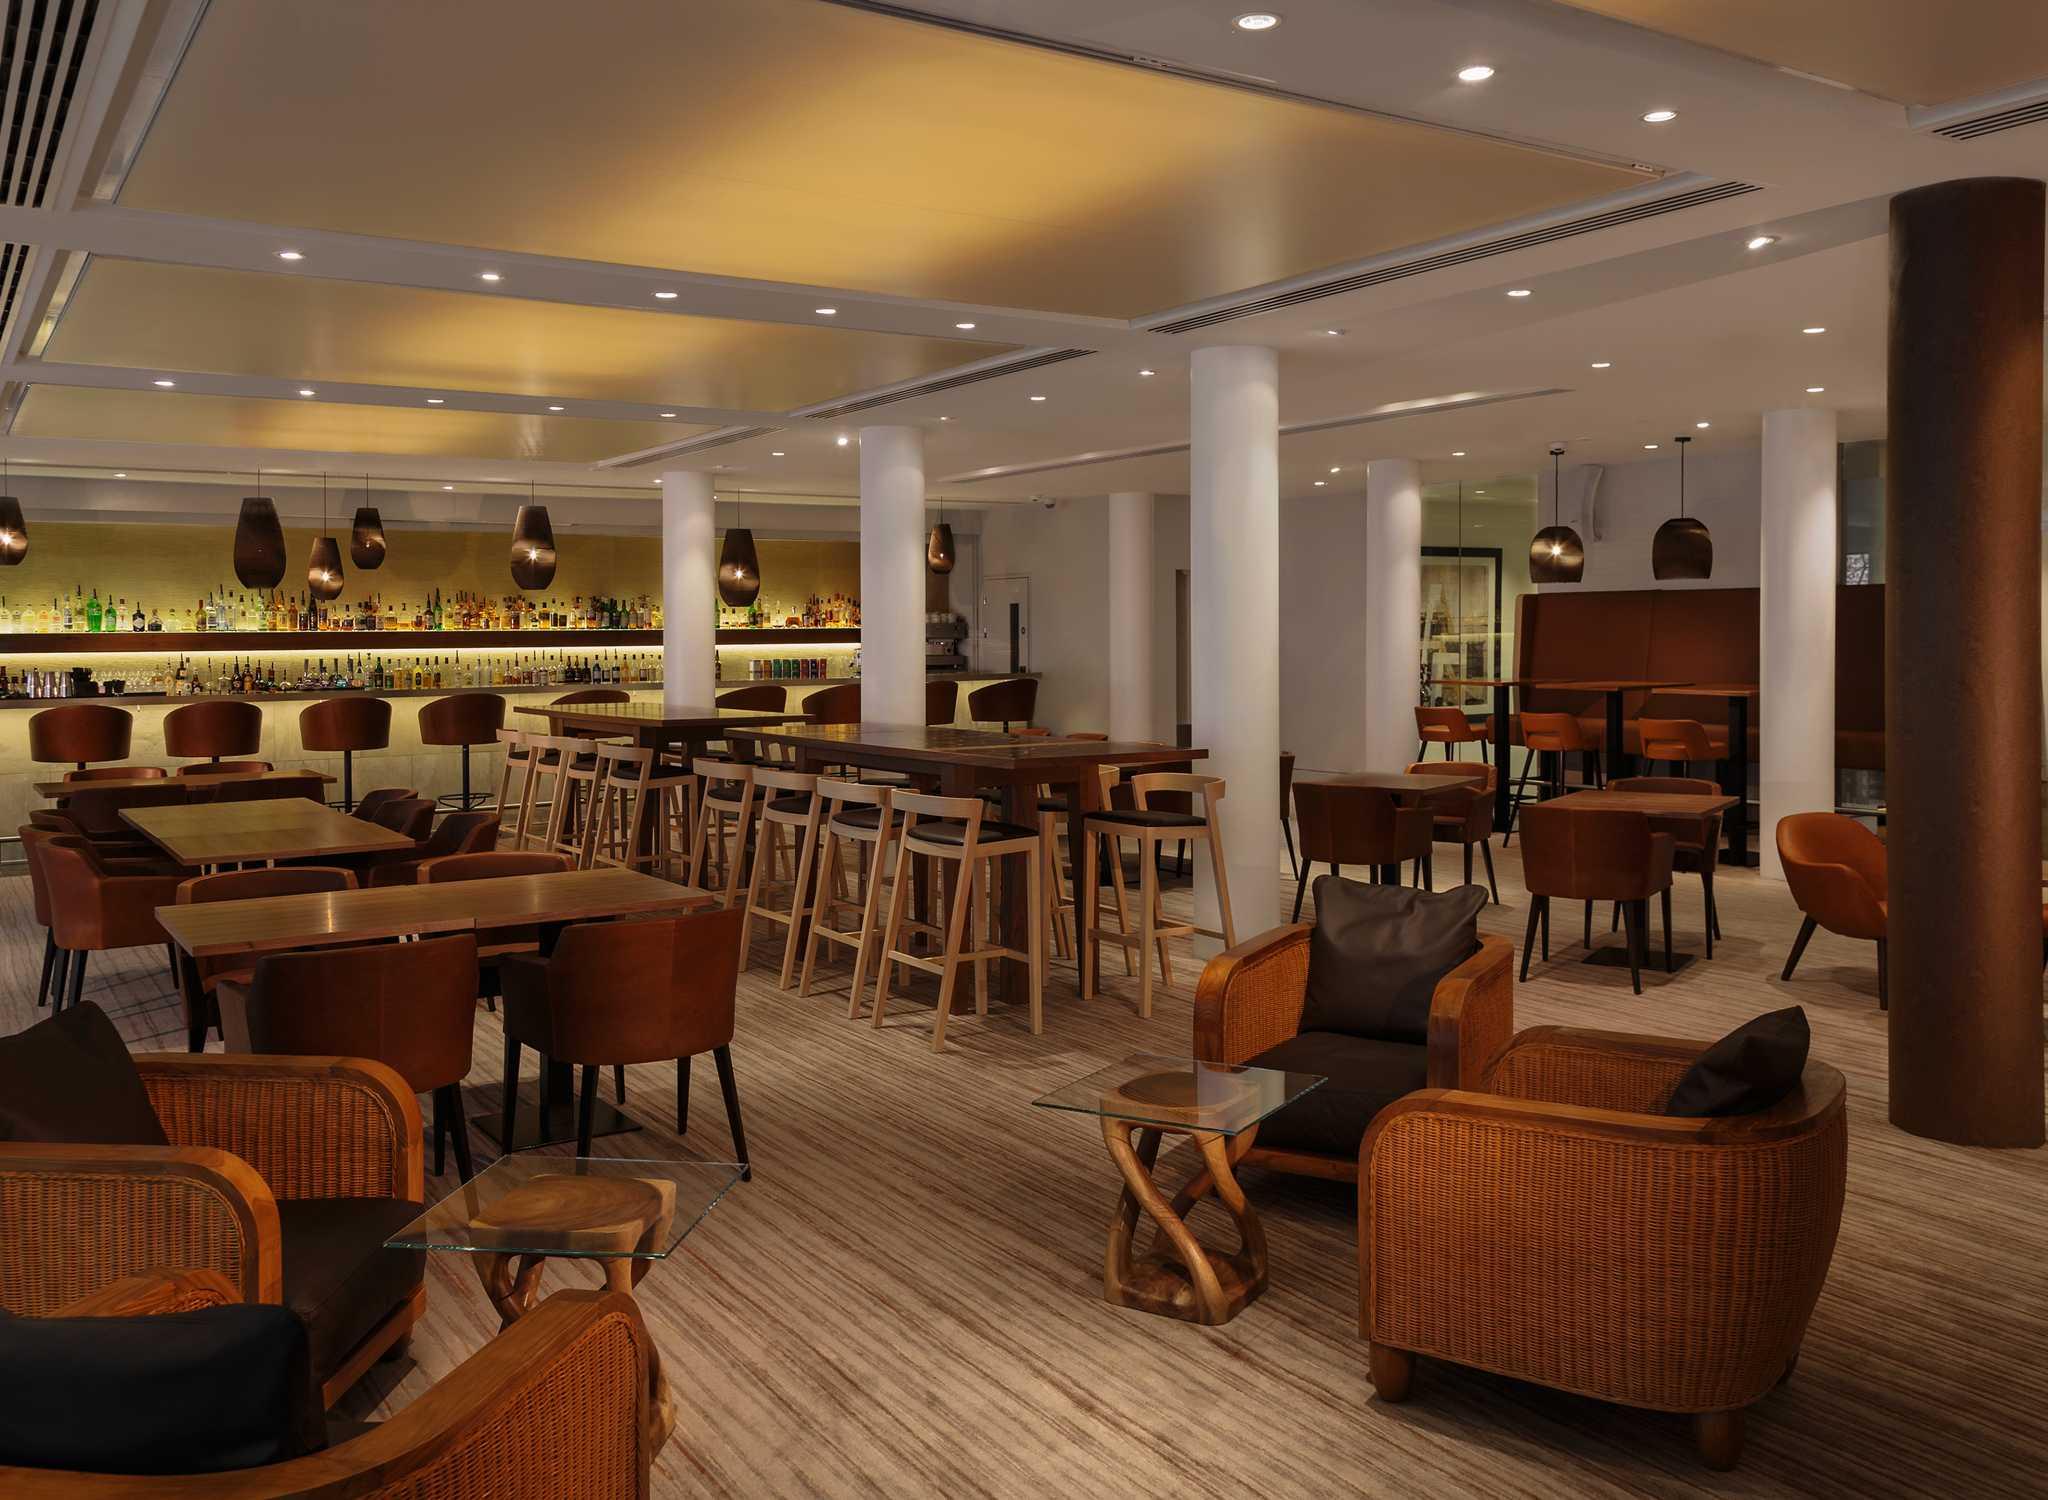 hilton hotels resorts gro britannien. Black Bedroom Furniture Sets. Home Design Ideas